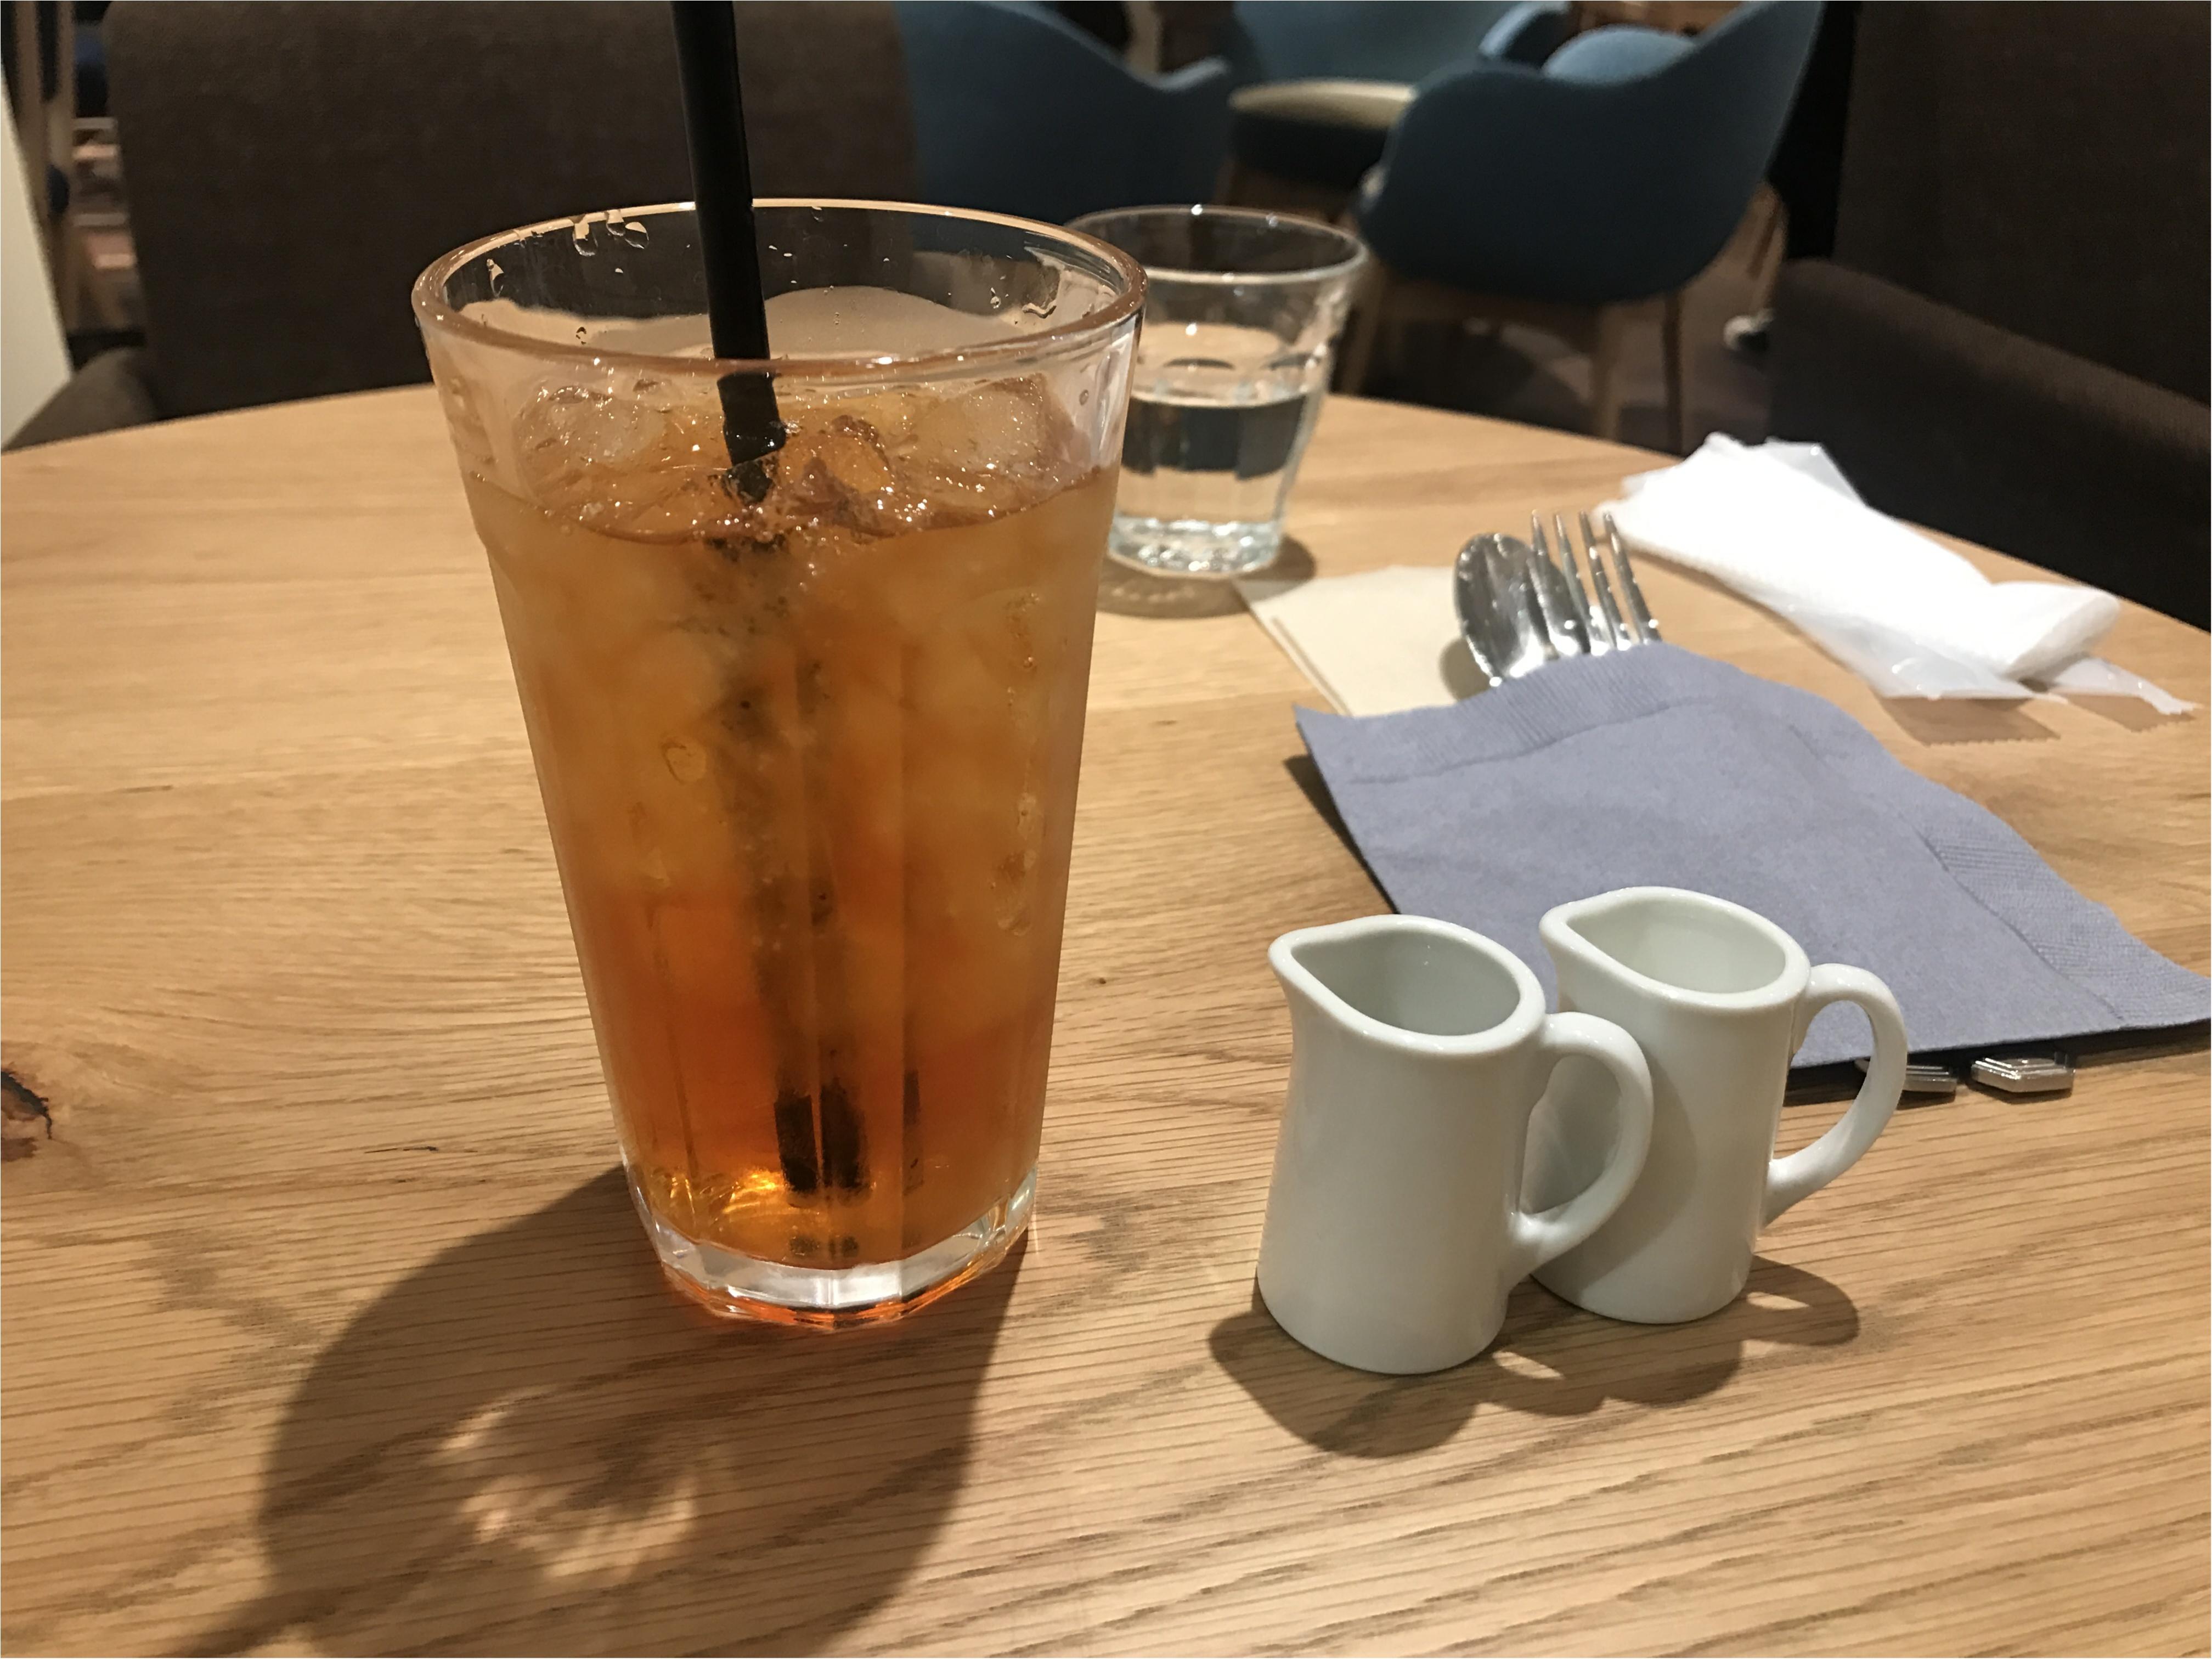 【姉妹カフェ誕生】アフタヌーンティーティールームに妹分カフェ!ふわふわ○○オムライスが推しらしい??徹底調査!_3